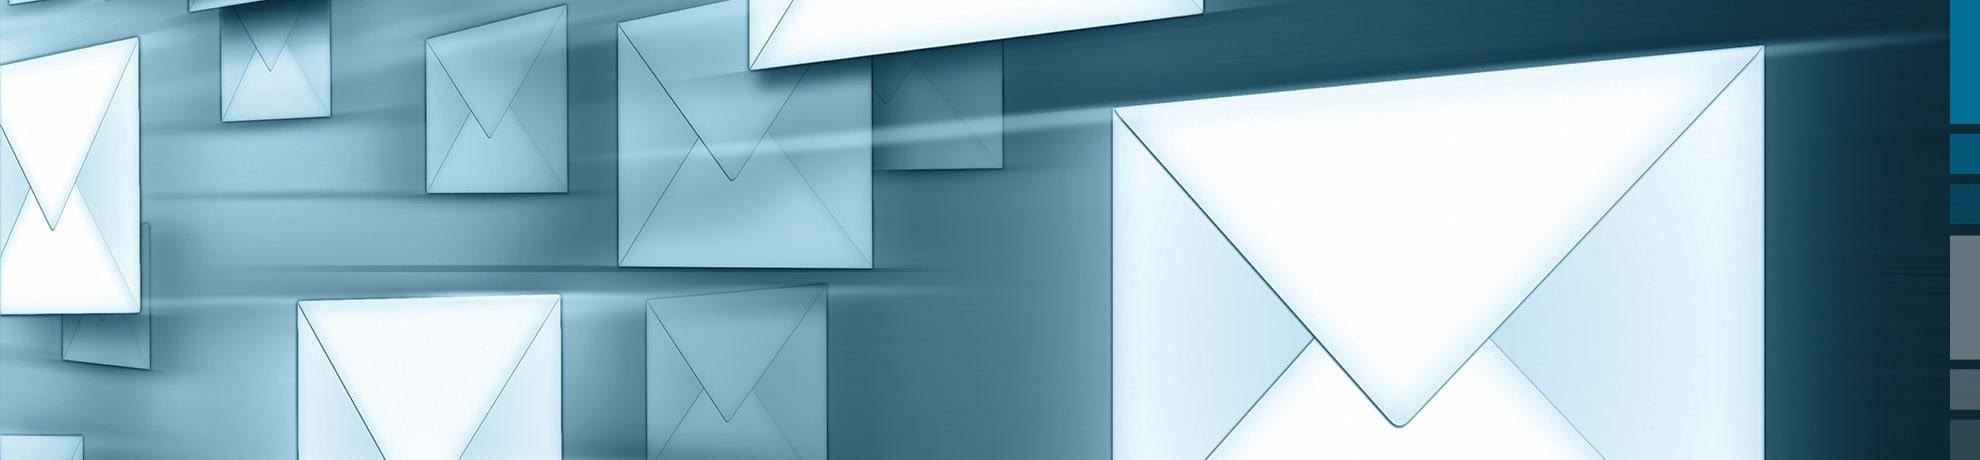 Fliegende Briefumschläge als Symbolbild für die Anmeldung zum Portal Systems Newsletter.